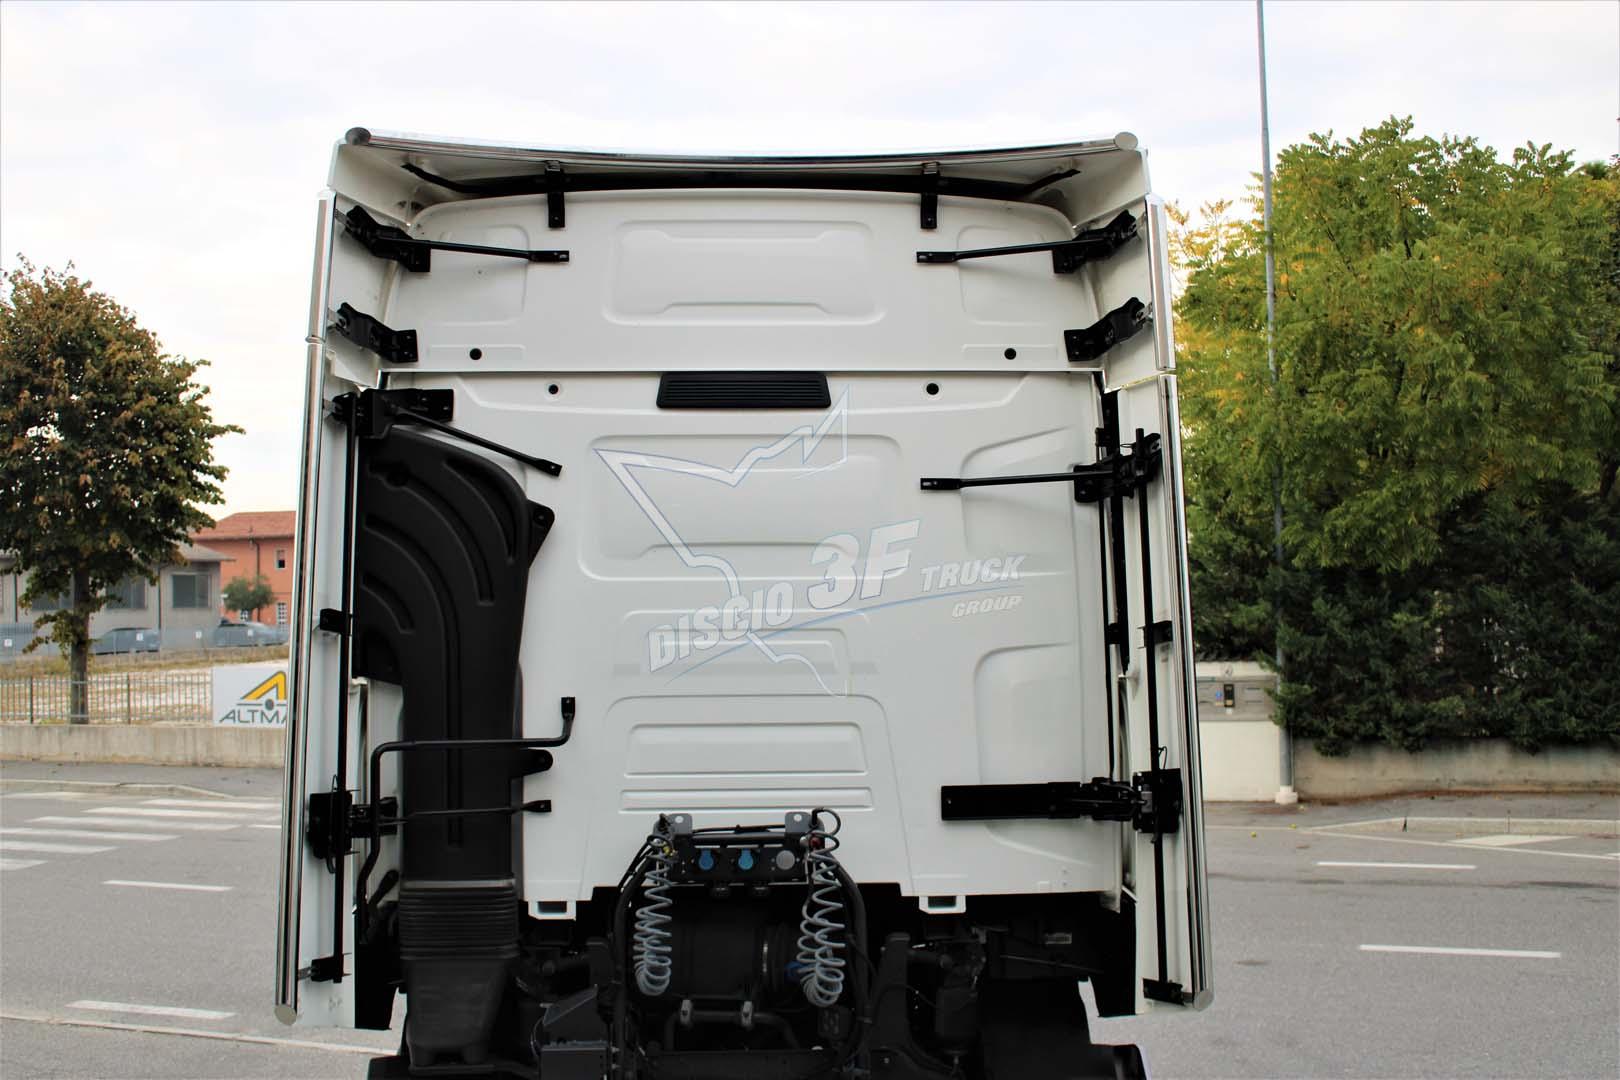 Kit Tubi Retro Spoiler, Renault T.